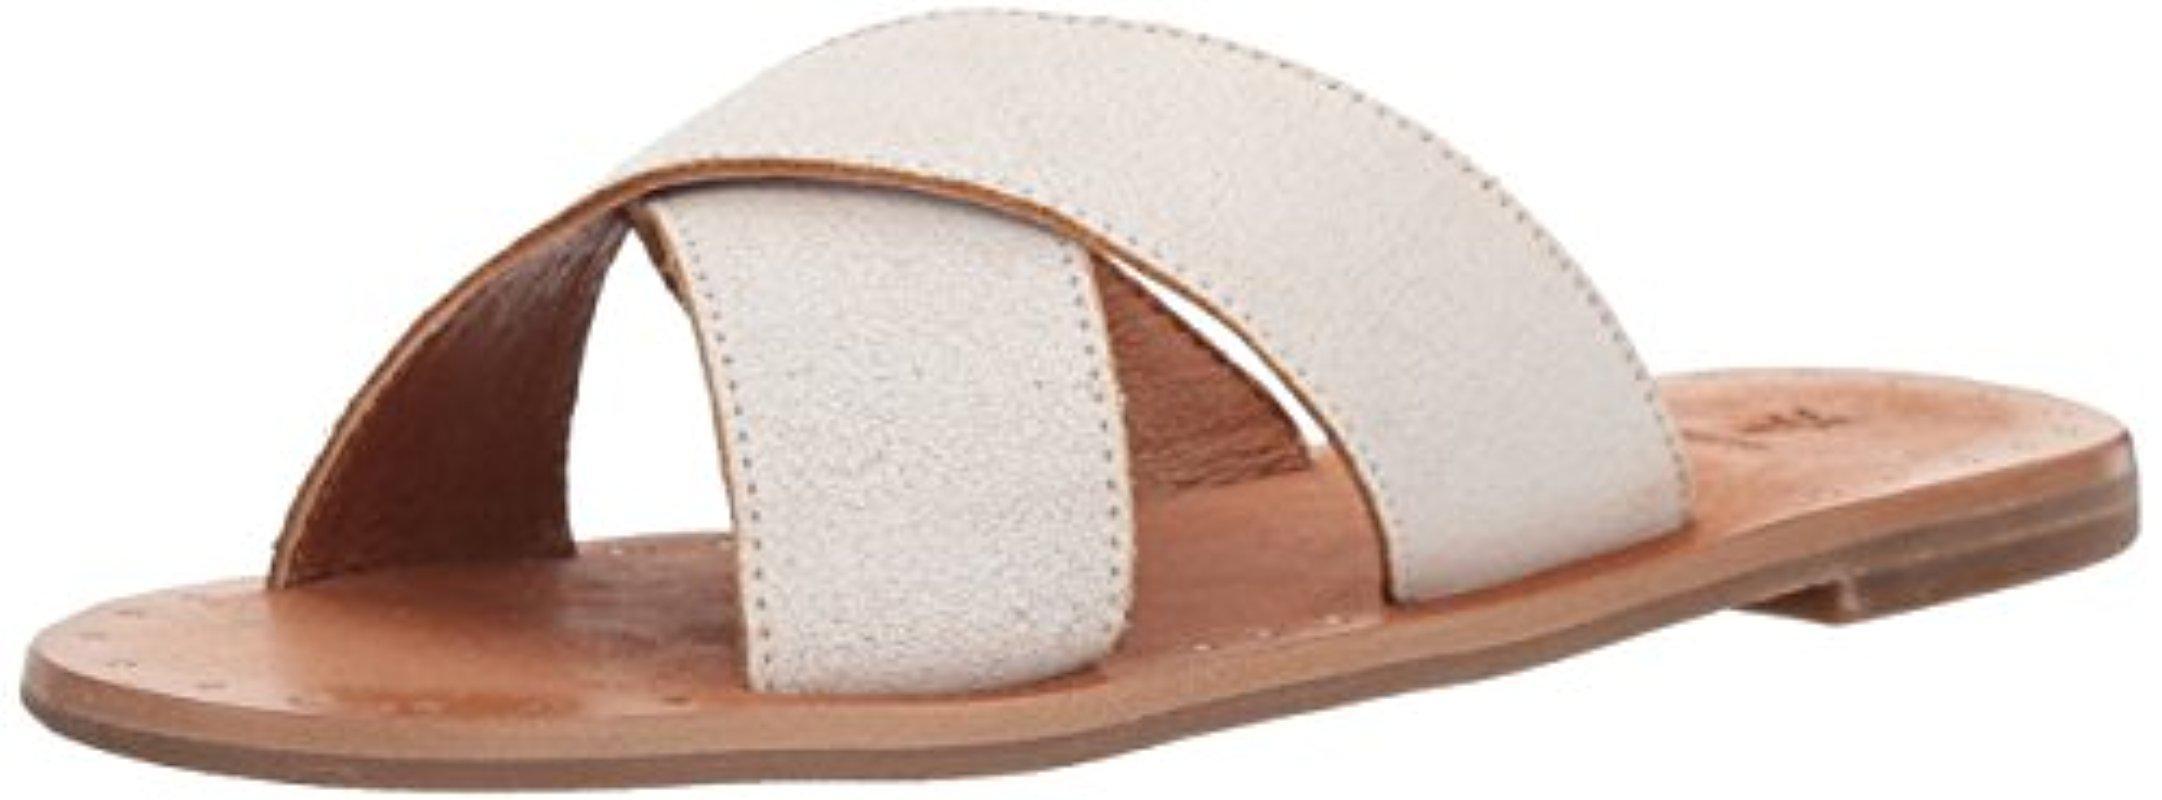 Women's Ally Criss Cross Slide Sandal